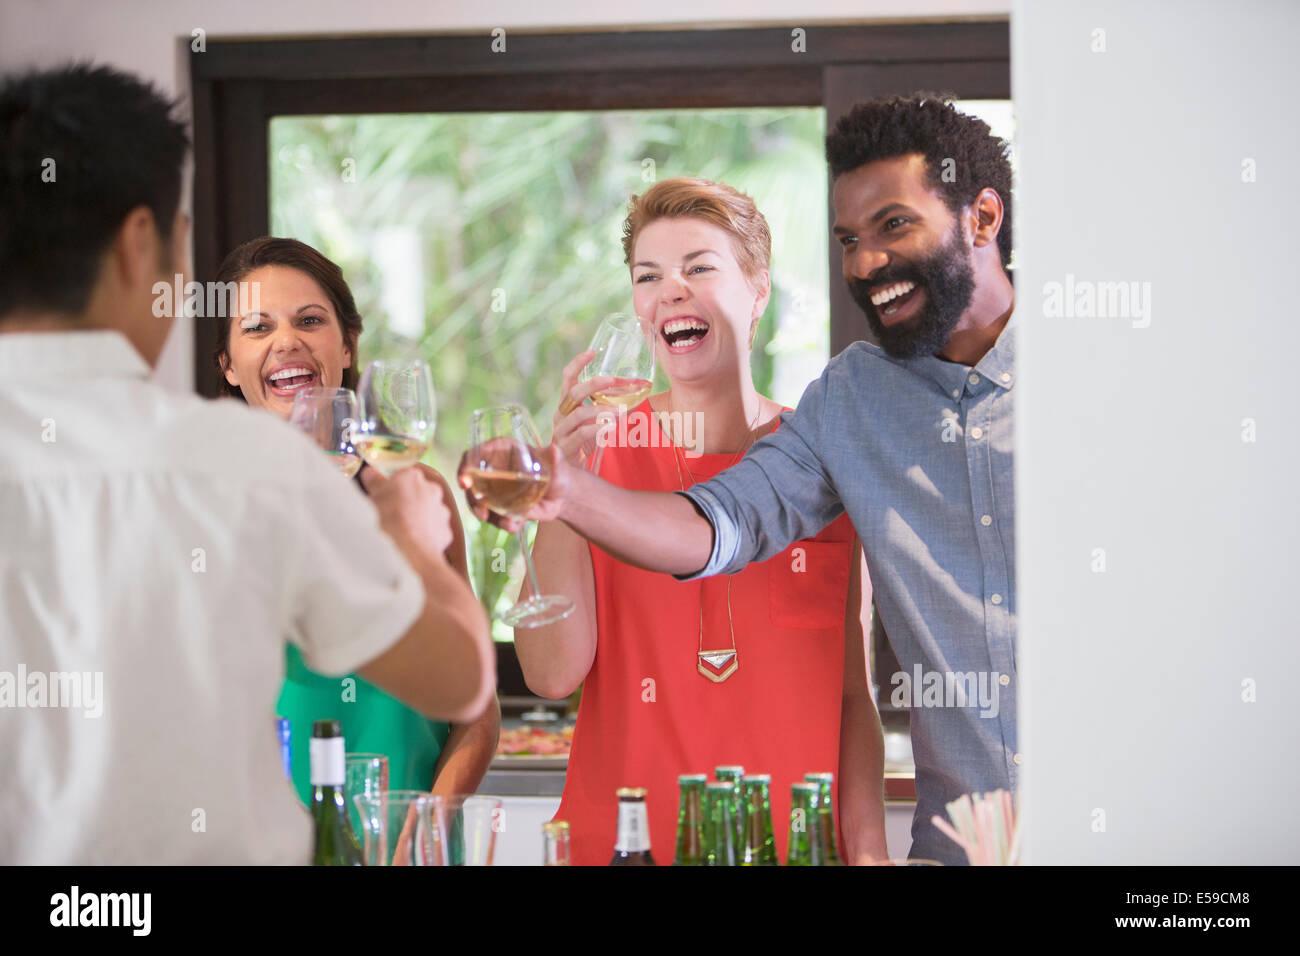 Toasten einander auf Party Freunde Stockbild